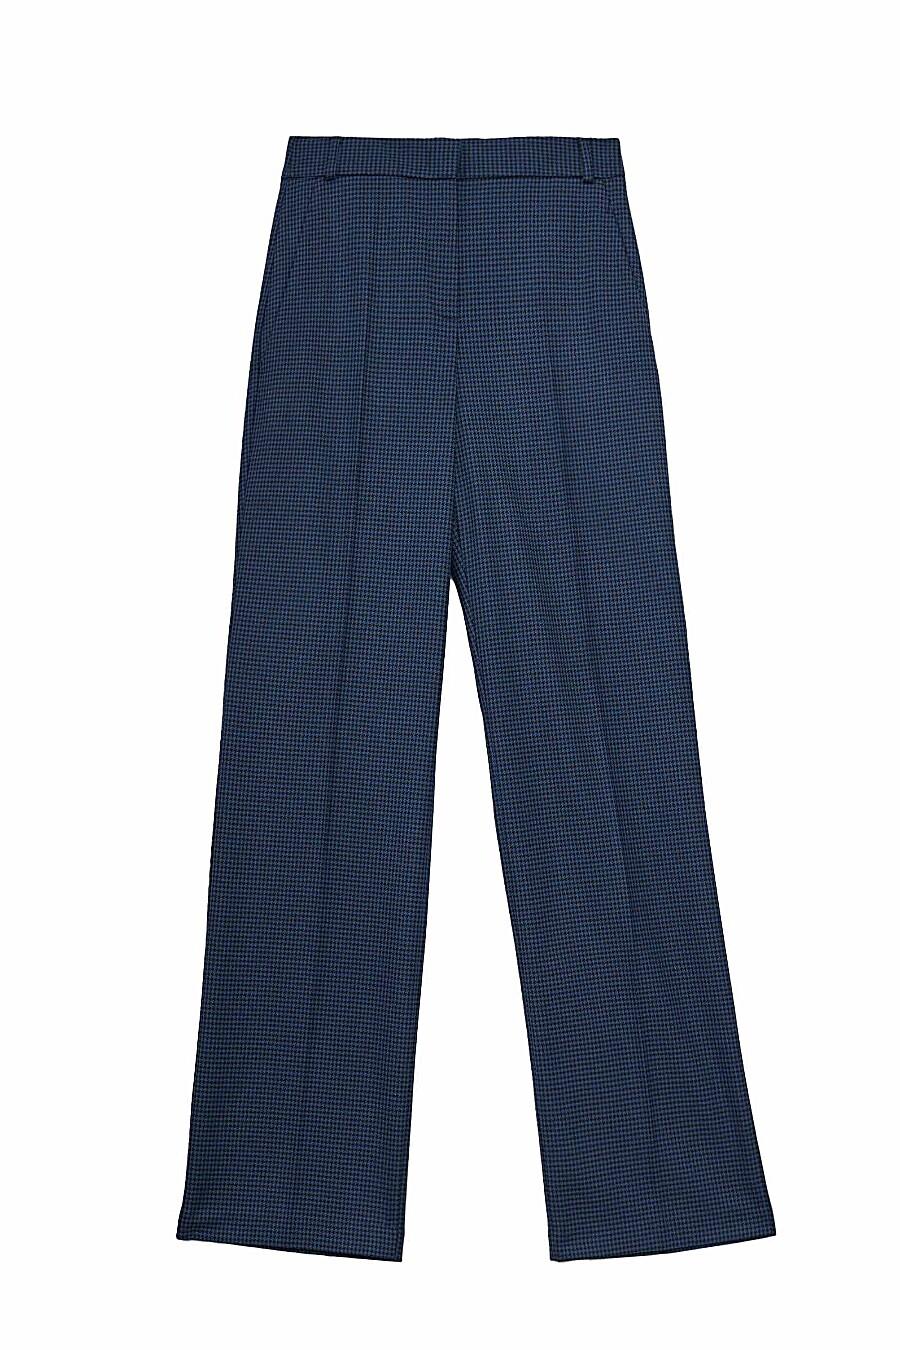 Брюки для женщин CALISTA 707321 купить оптом от производителя. Совместная покупка женской одежды в OptMoyo